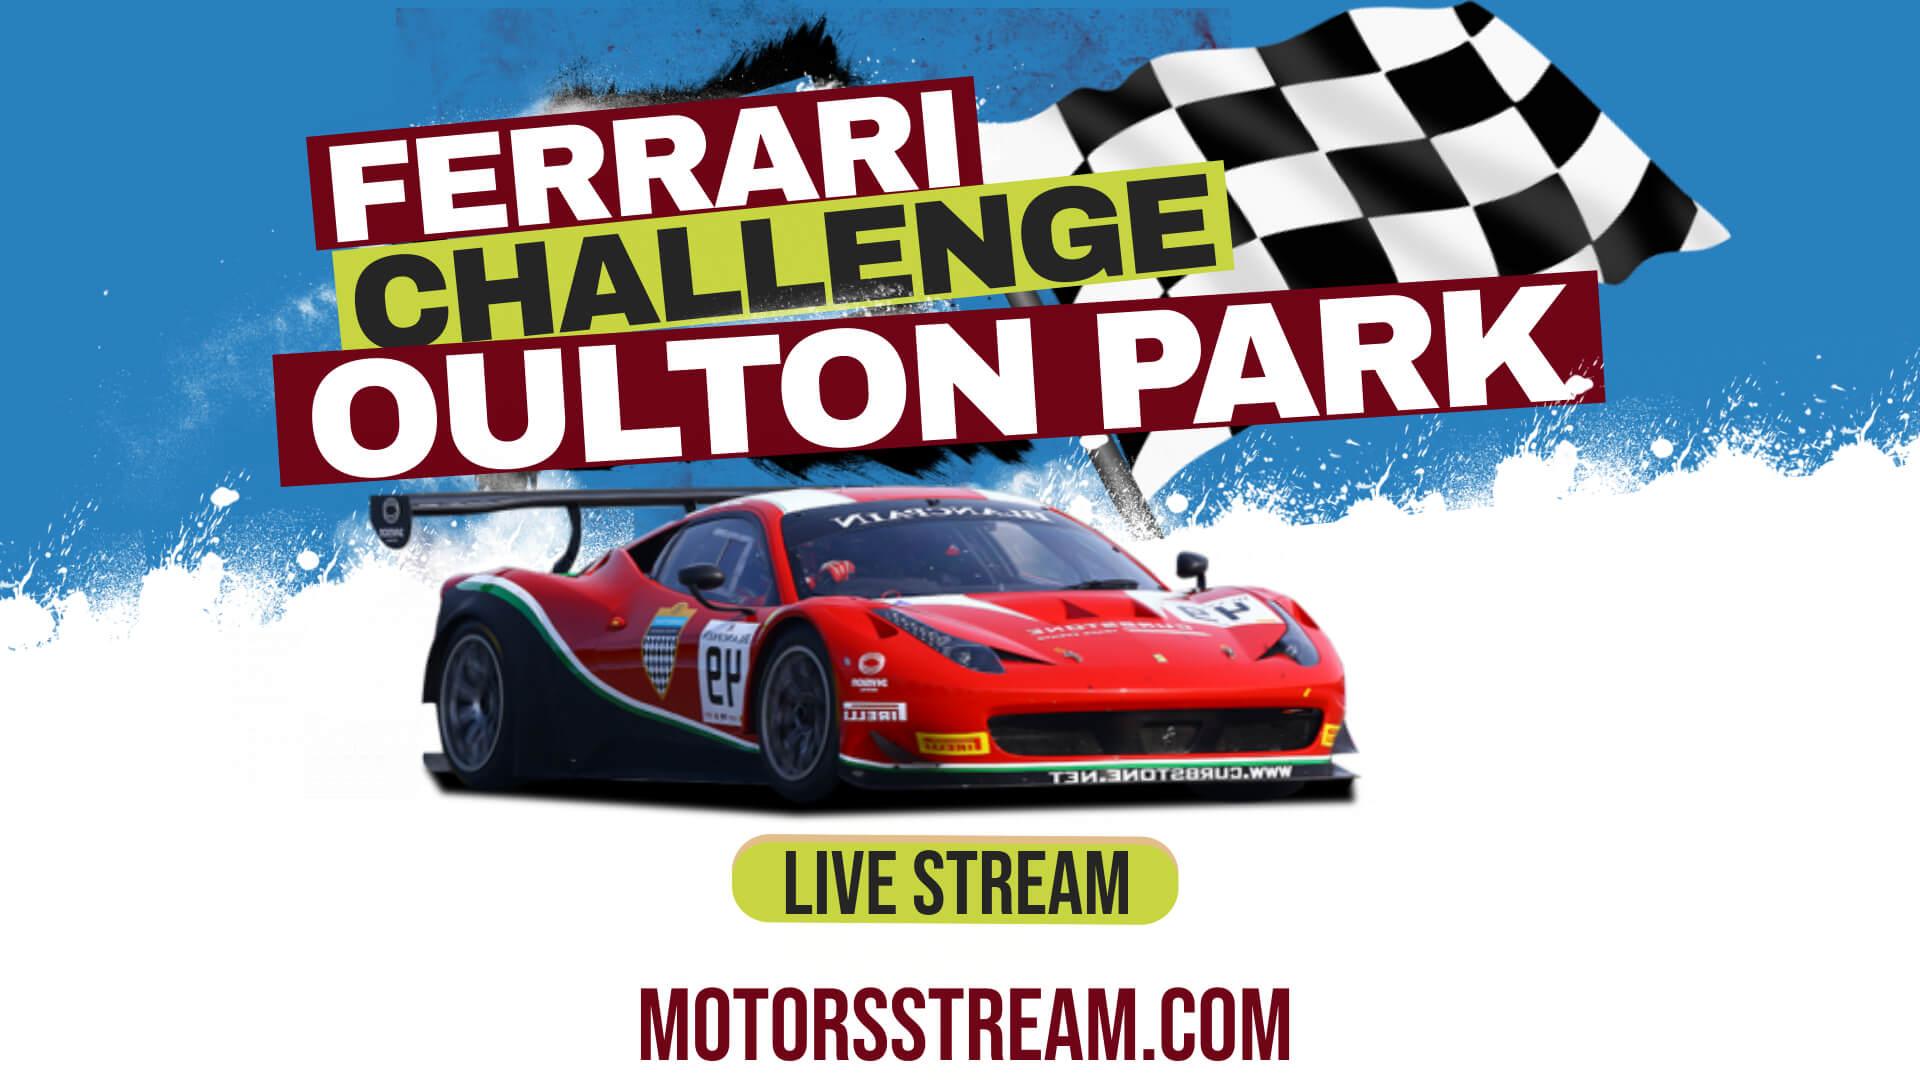 Oulton Park Ferrari Challenge UK Live Stream